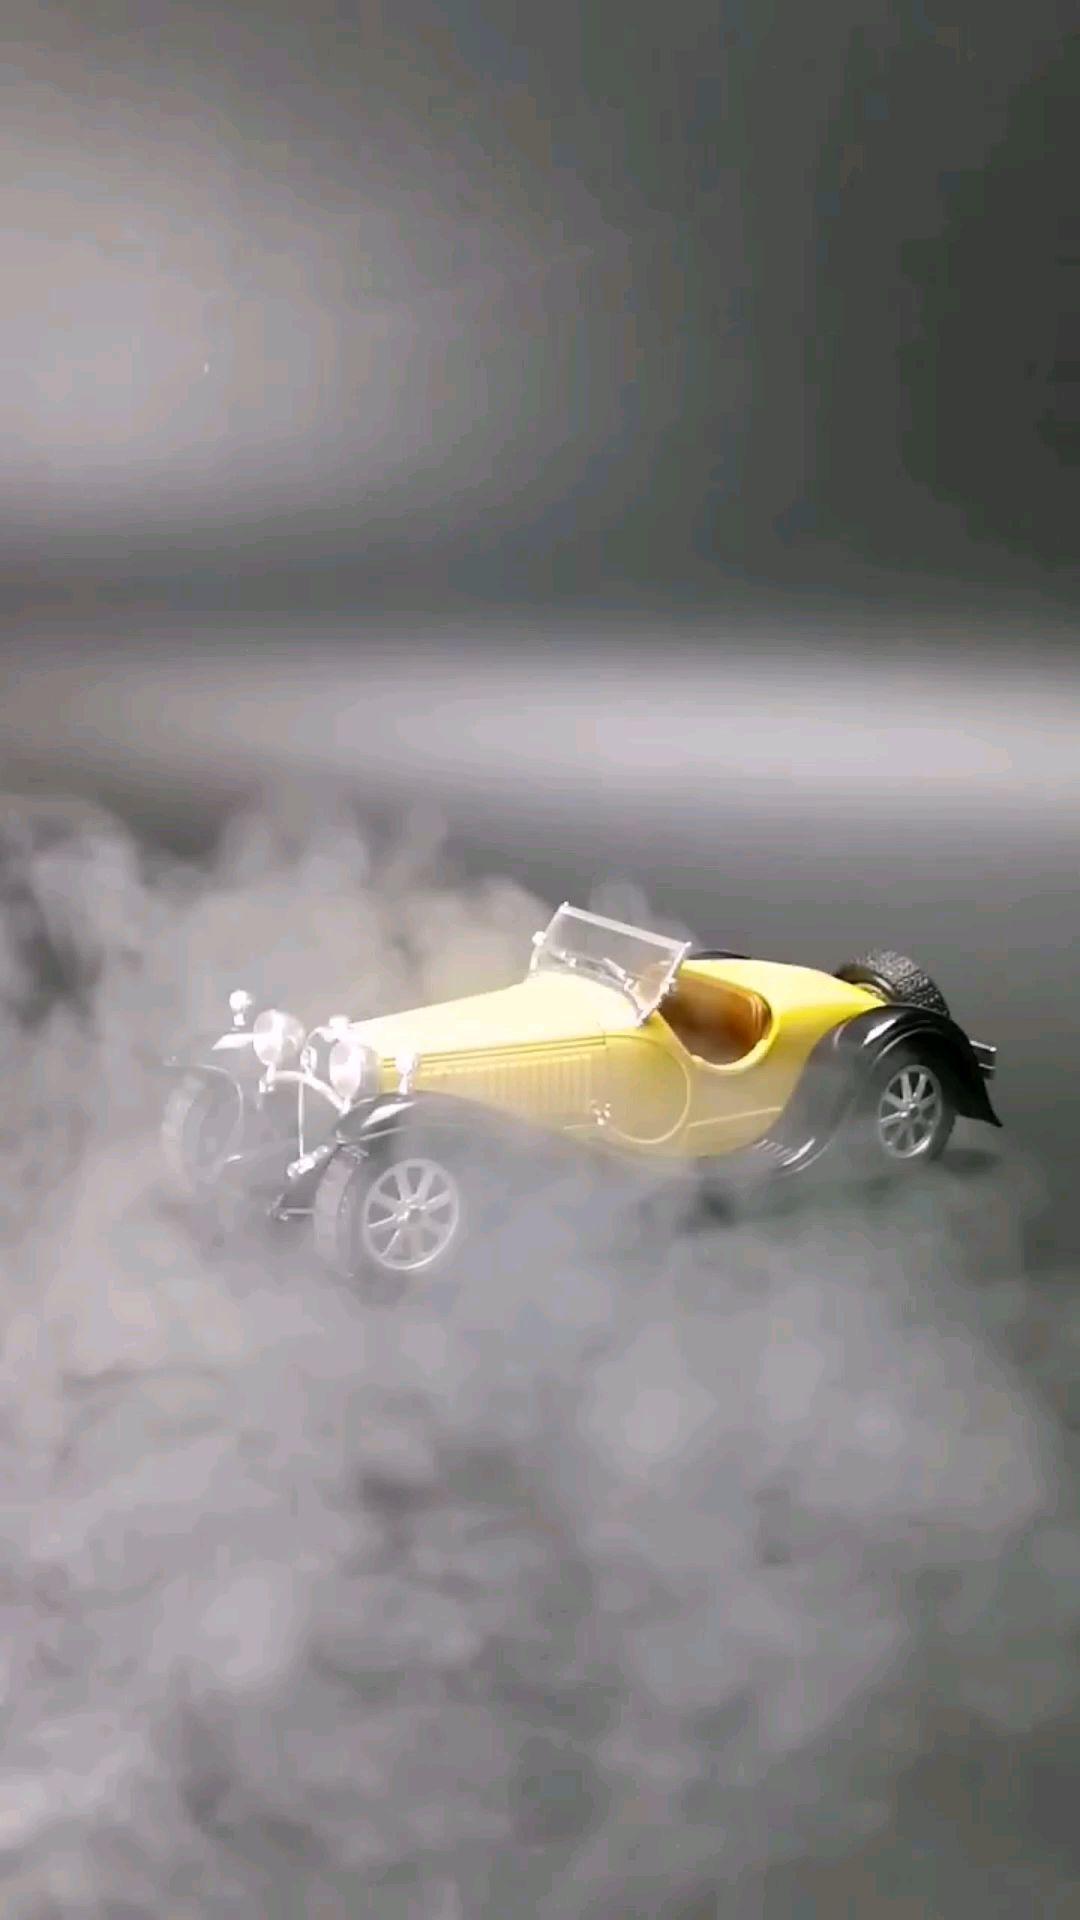 1932布加迪55型敞篷跑车,1:24比例,东晓汽车模型收藏馆藏品。